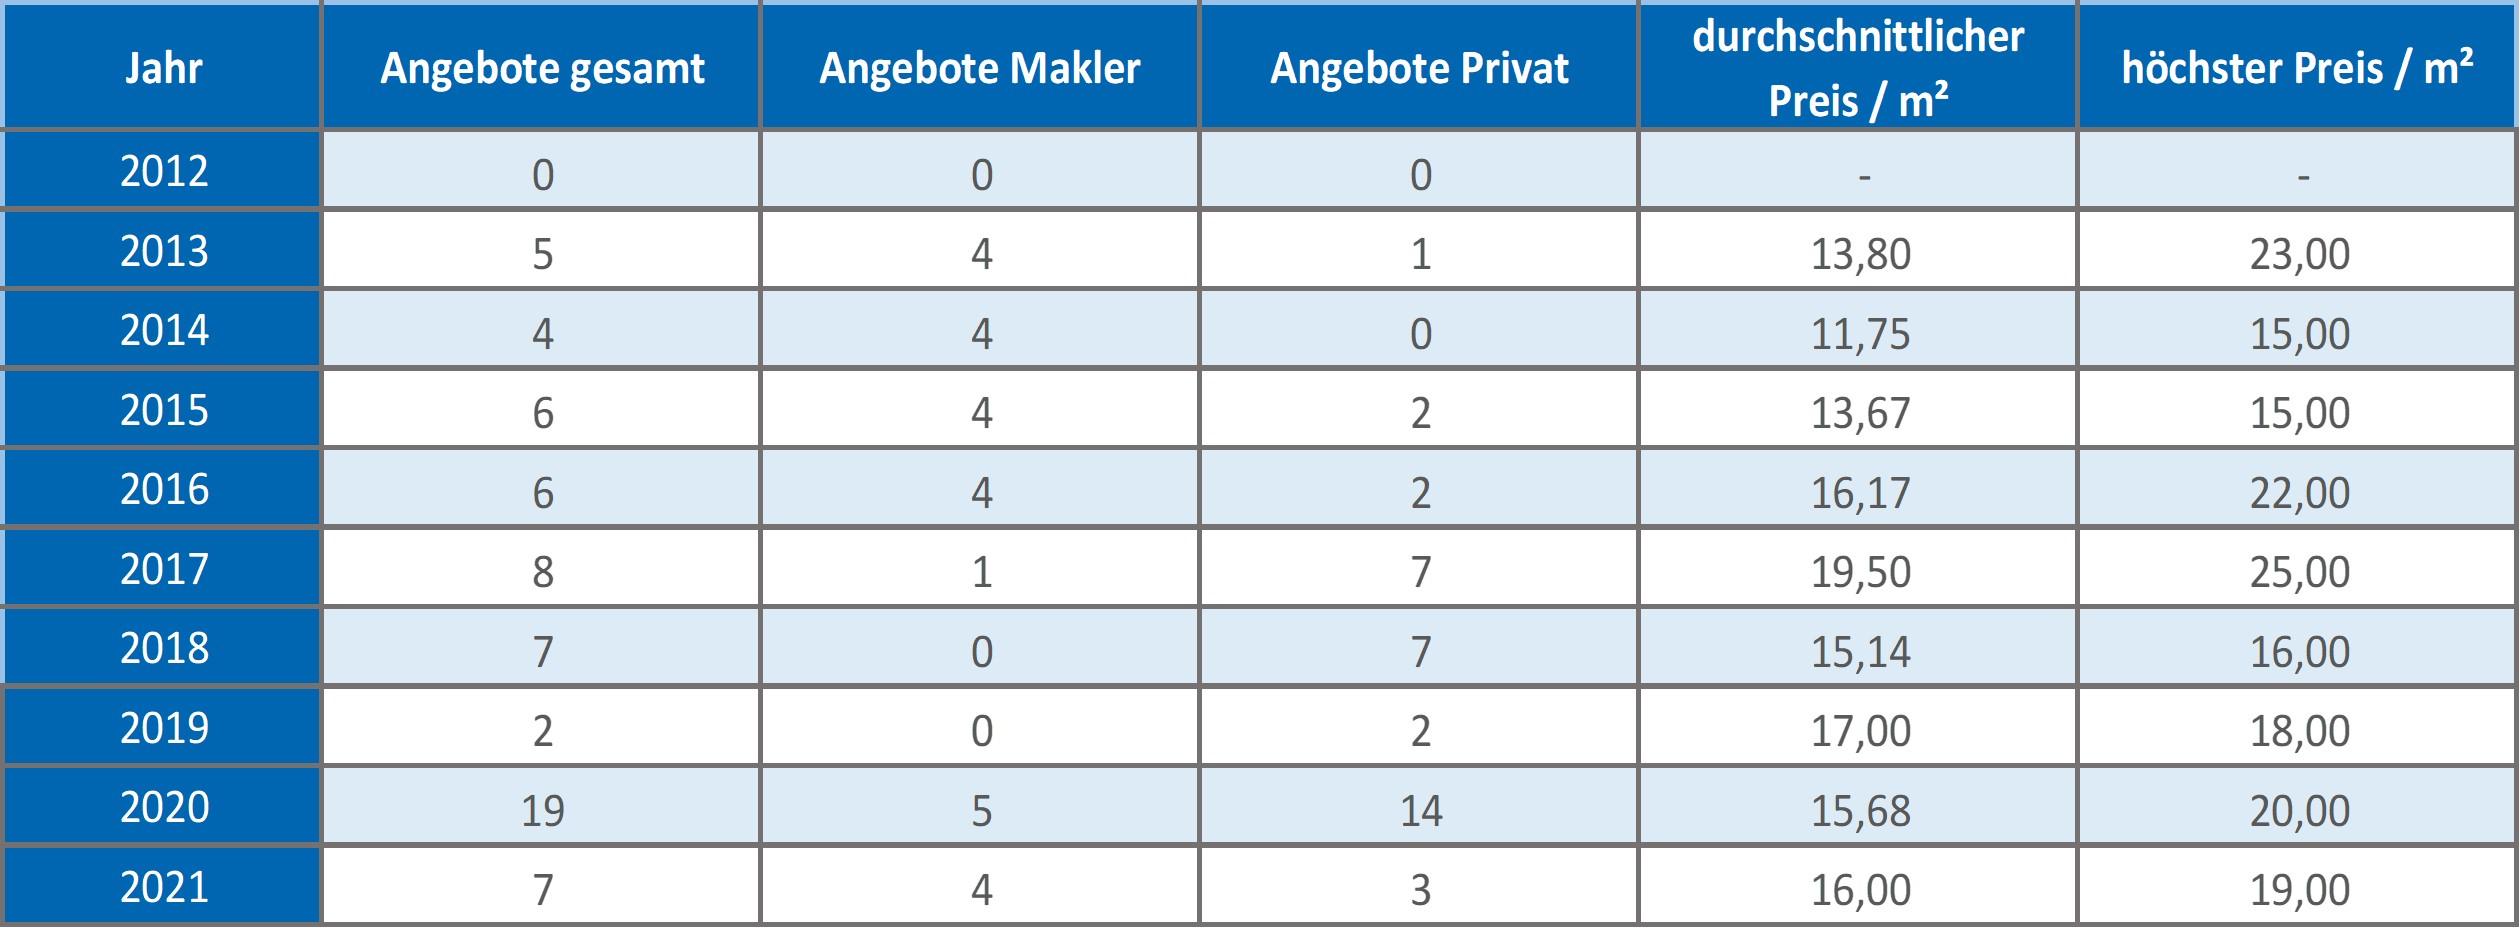 Unterföhring Wohnung mieten vermieten Preis Bewertung Makler www.happy-immo.de 2019 2020 2021